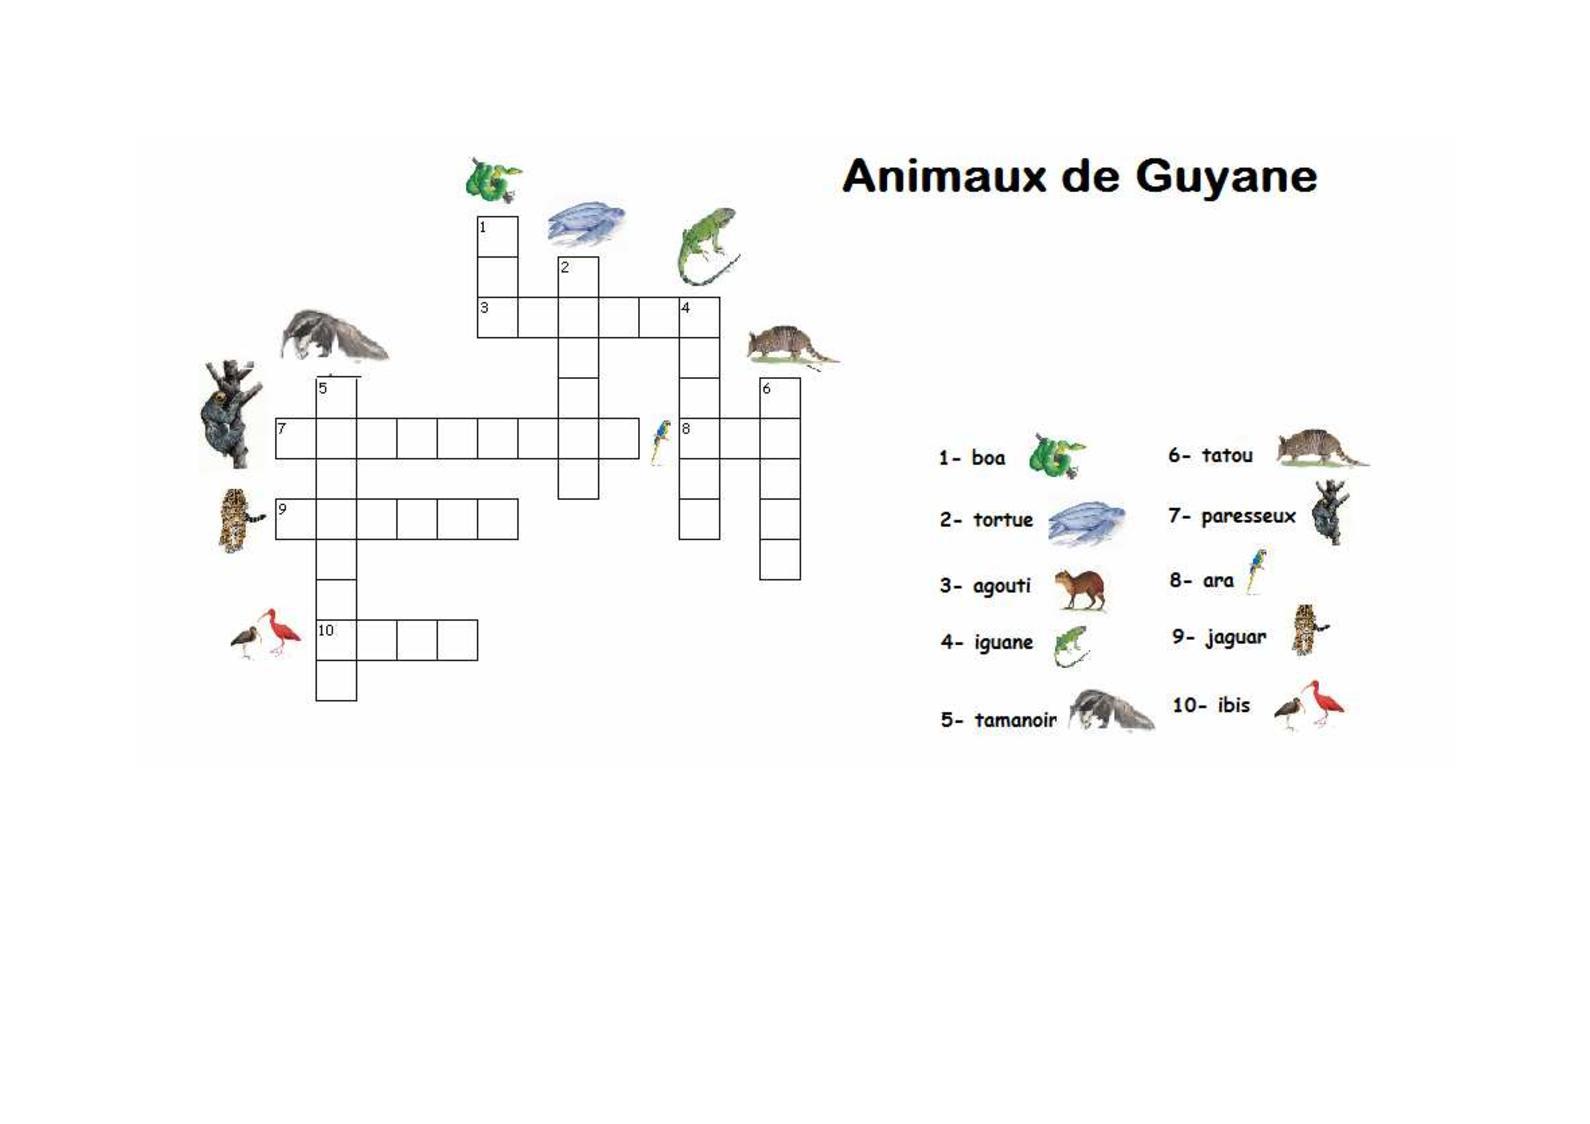 Calaméo - Mots Croisés Animaux De Guyane avec Mot Croiser